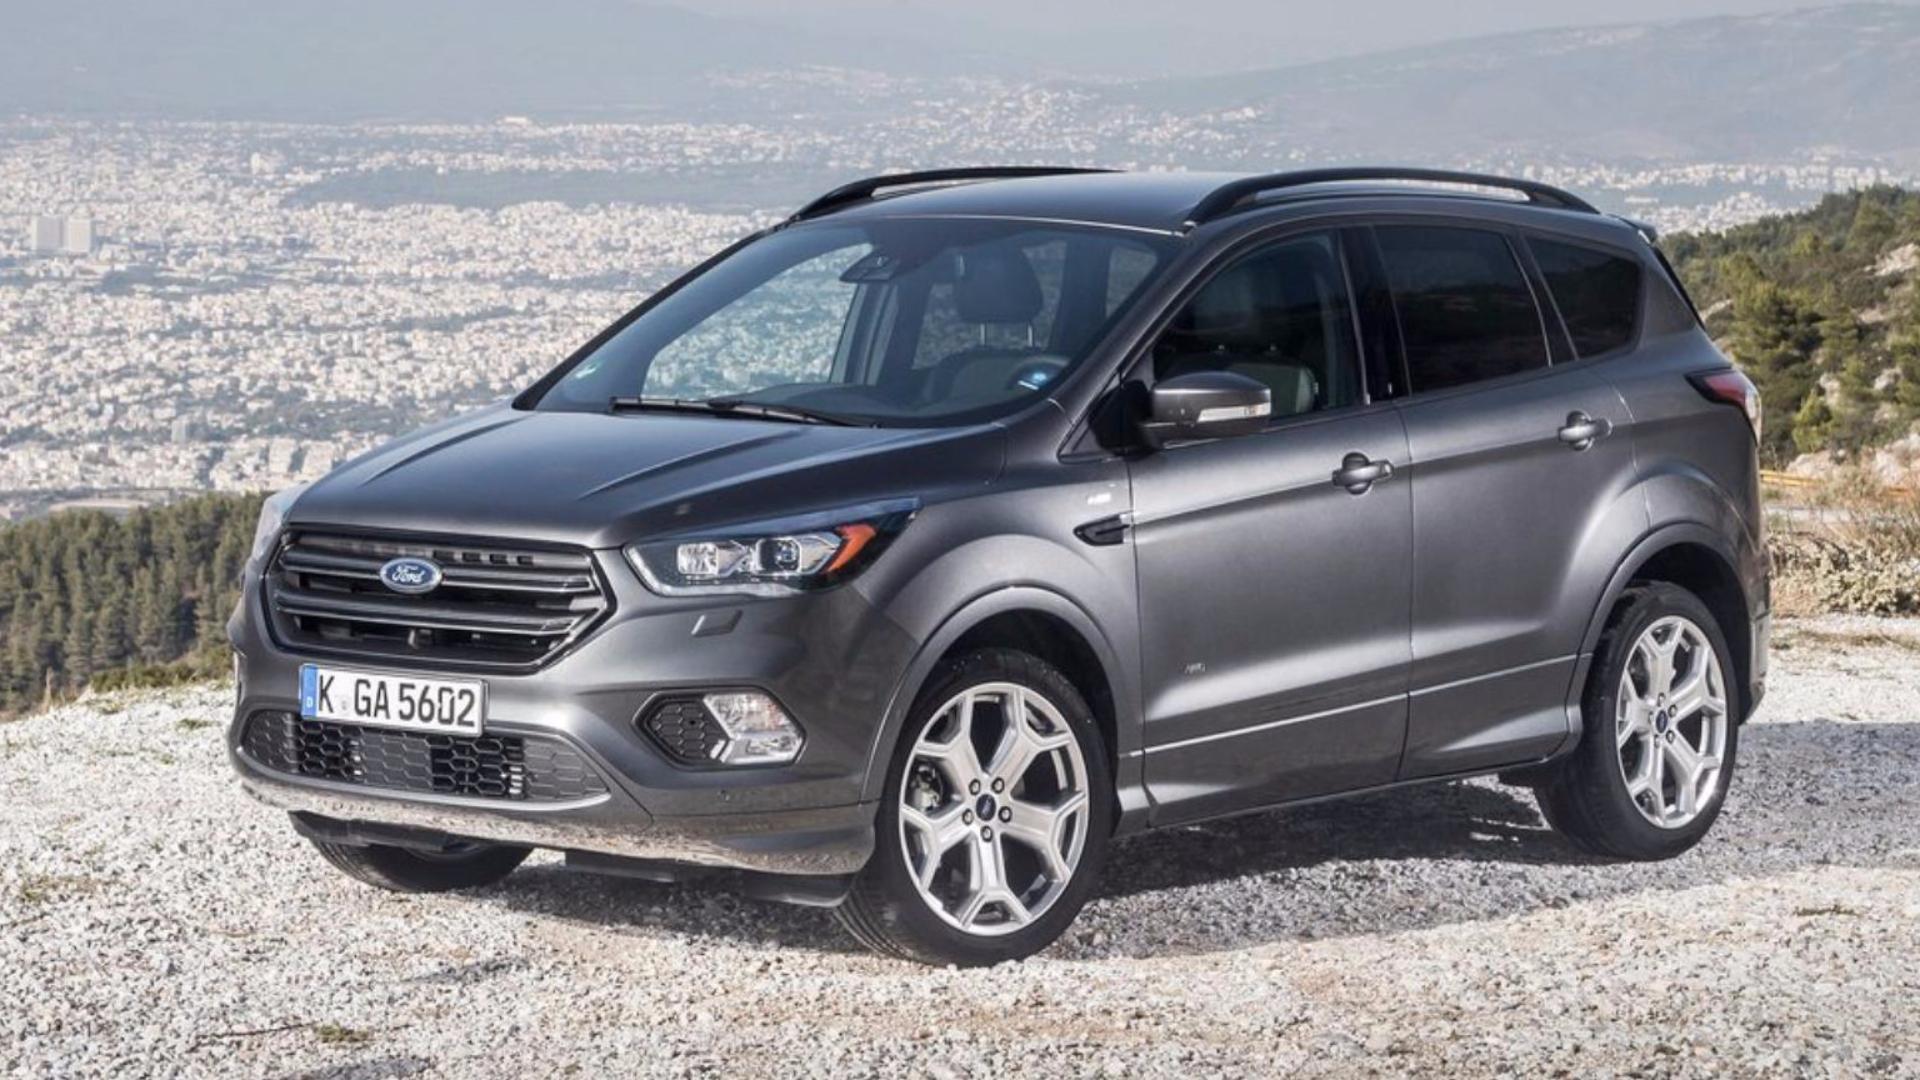 Nový Ford Kuga se slevou až 30%